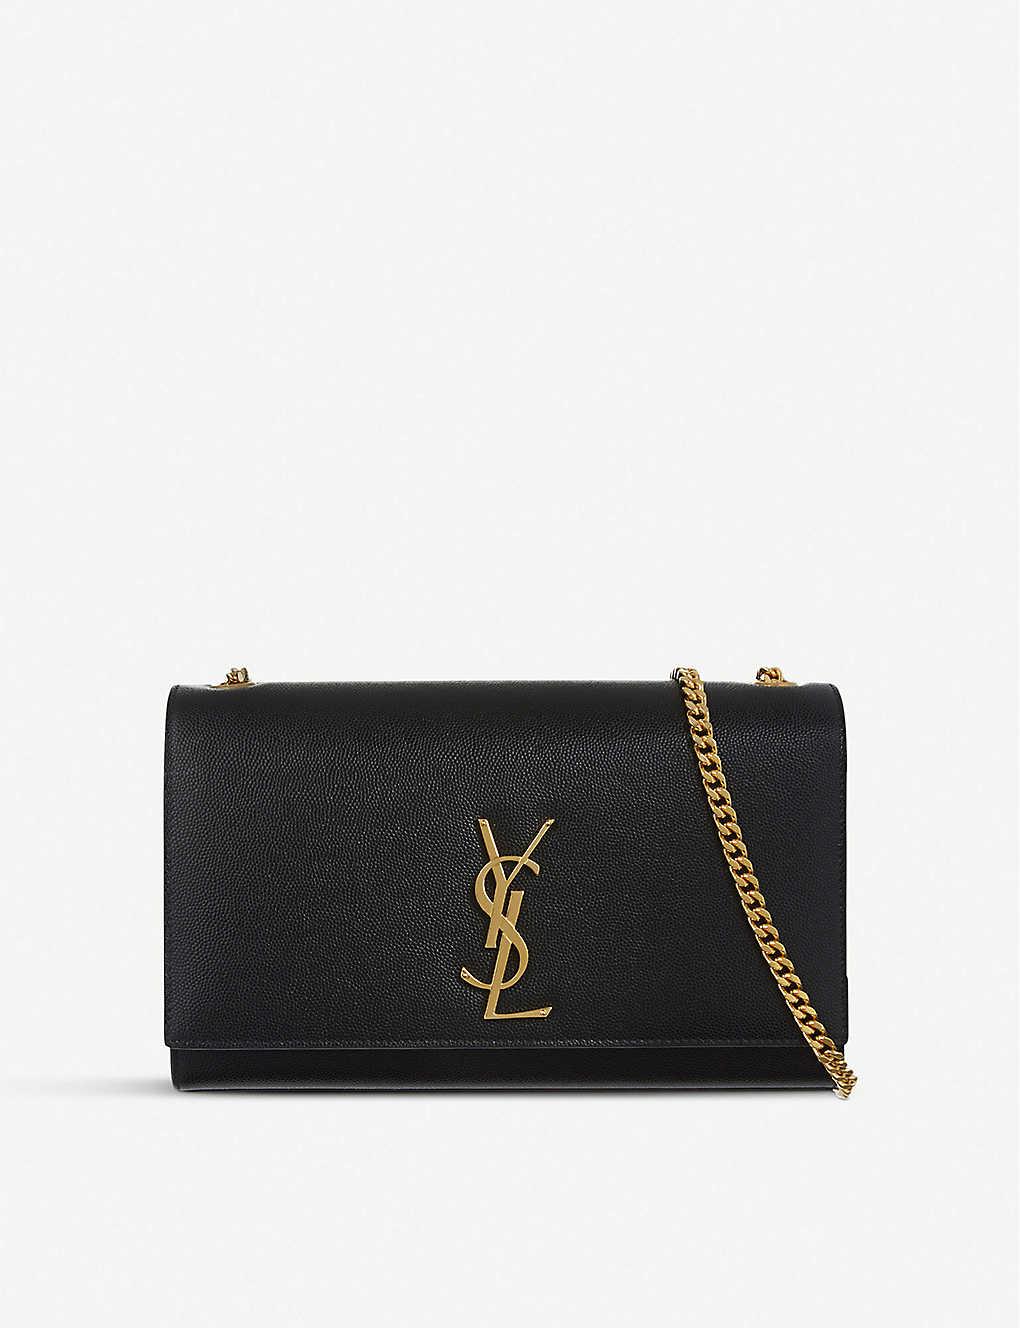 SAINT LAURENT: Kate medium leather shoulder bag